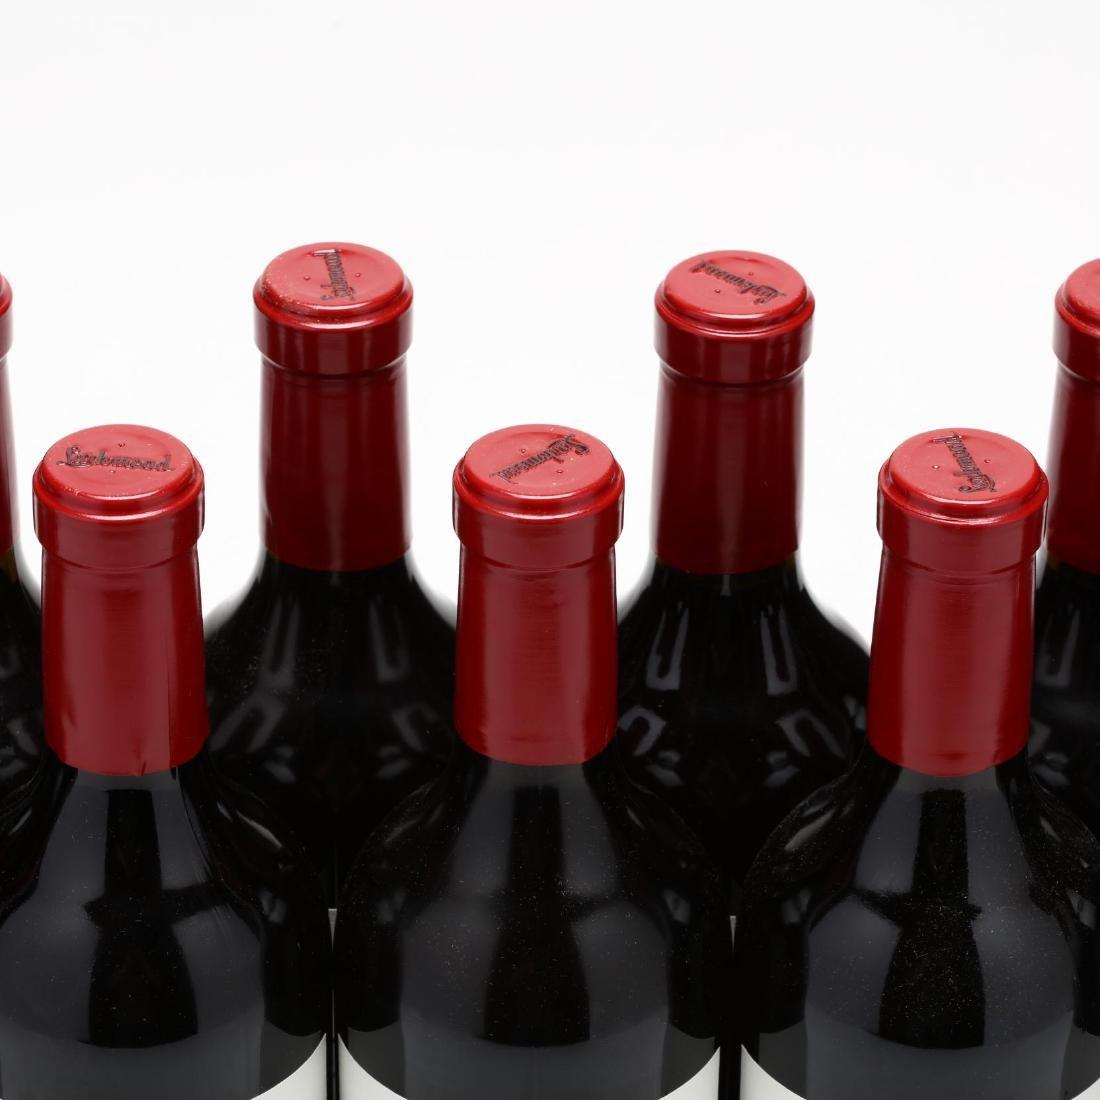 Larkmead Vineyards - Vintage 2003 - 3